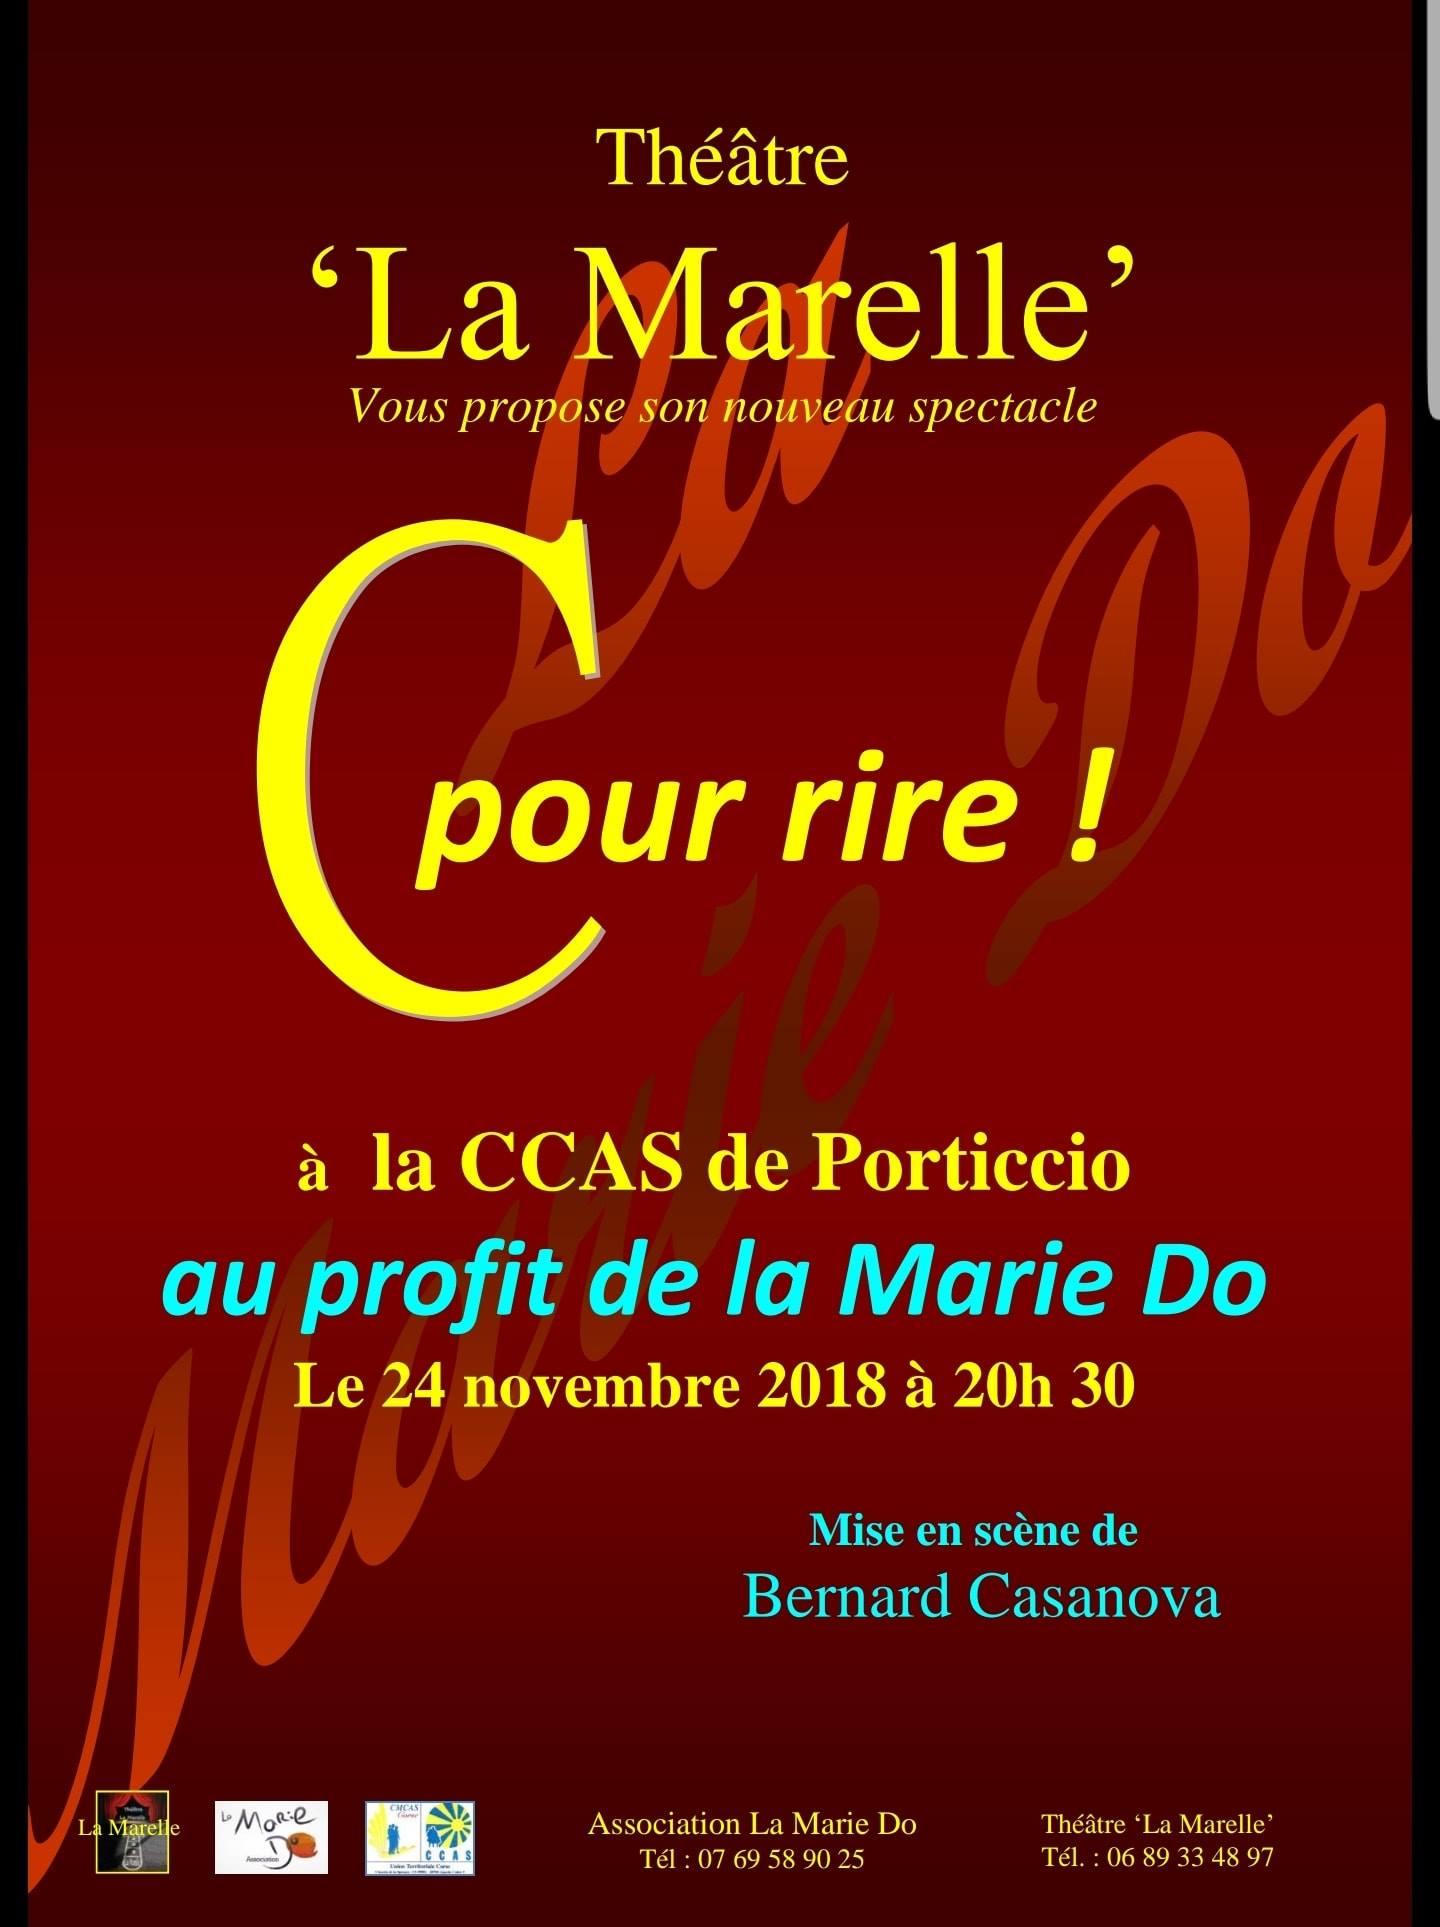 La troupe du Théâtre de ''La Marelle'' joue pour La Marie Do